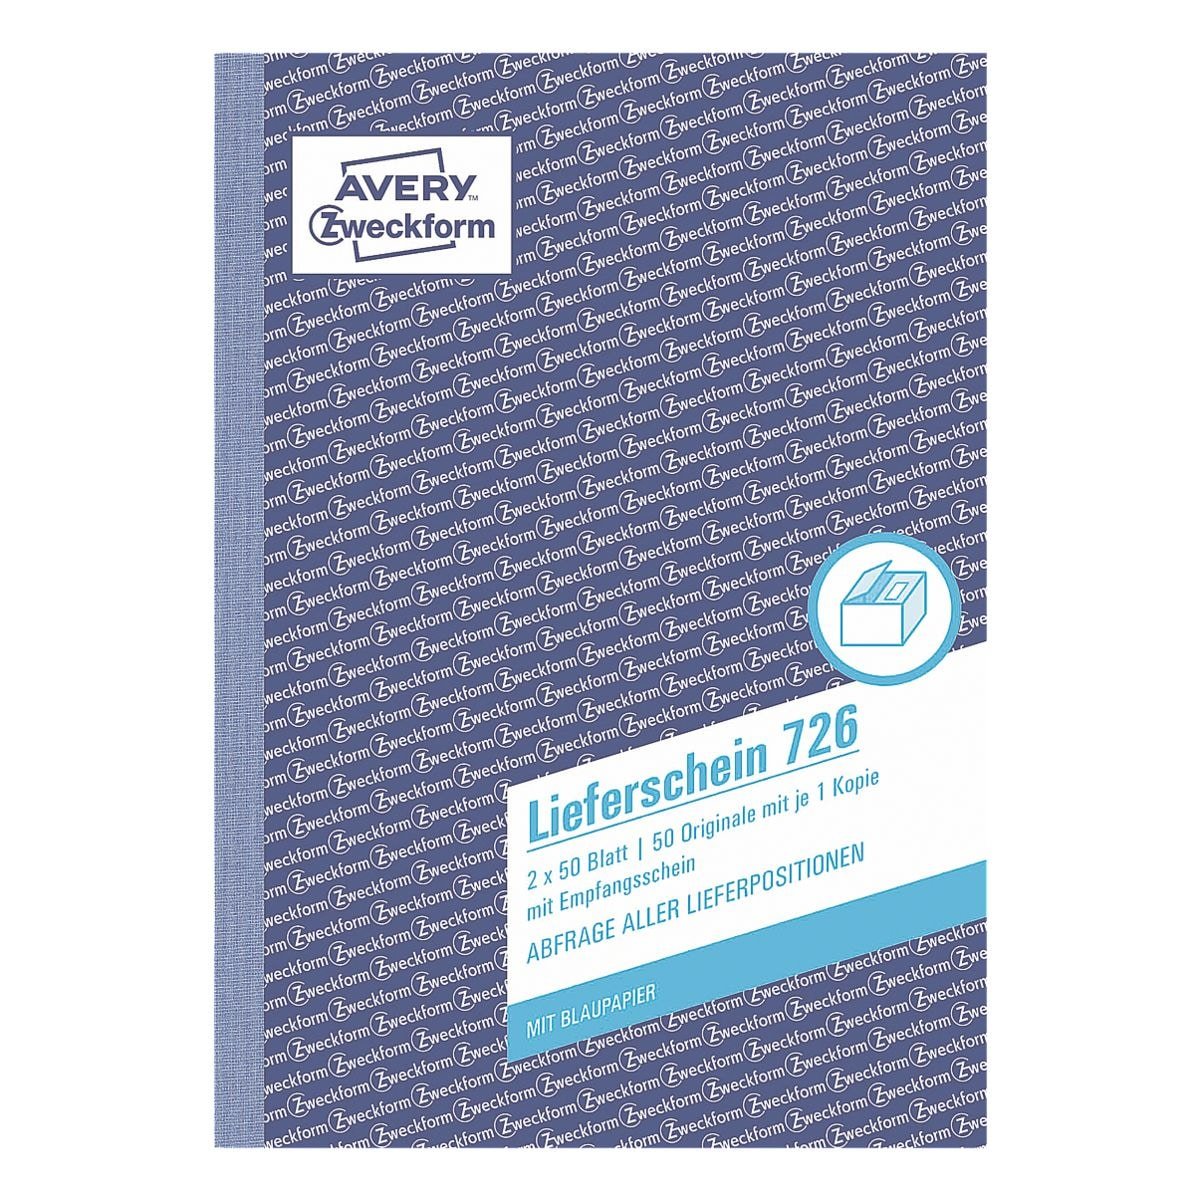 Avery Zweckform Lieferschein »726« A5 mit Empfangsschein